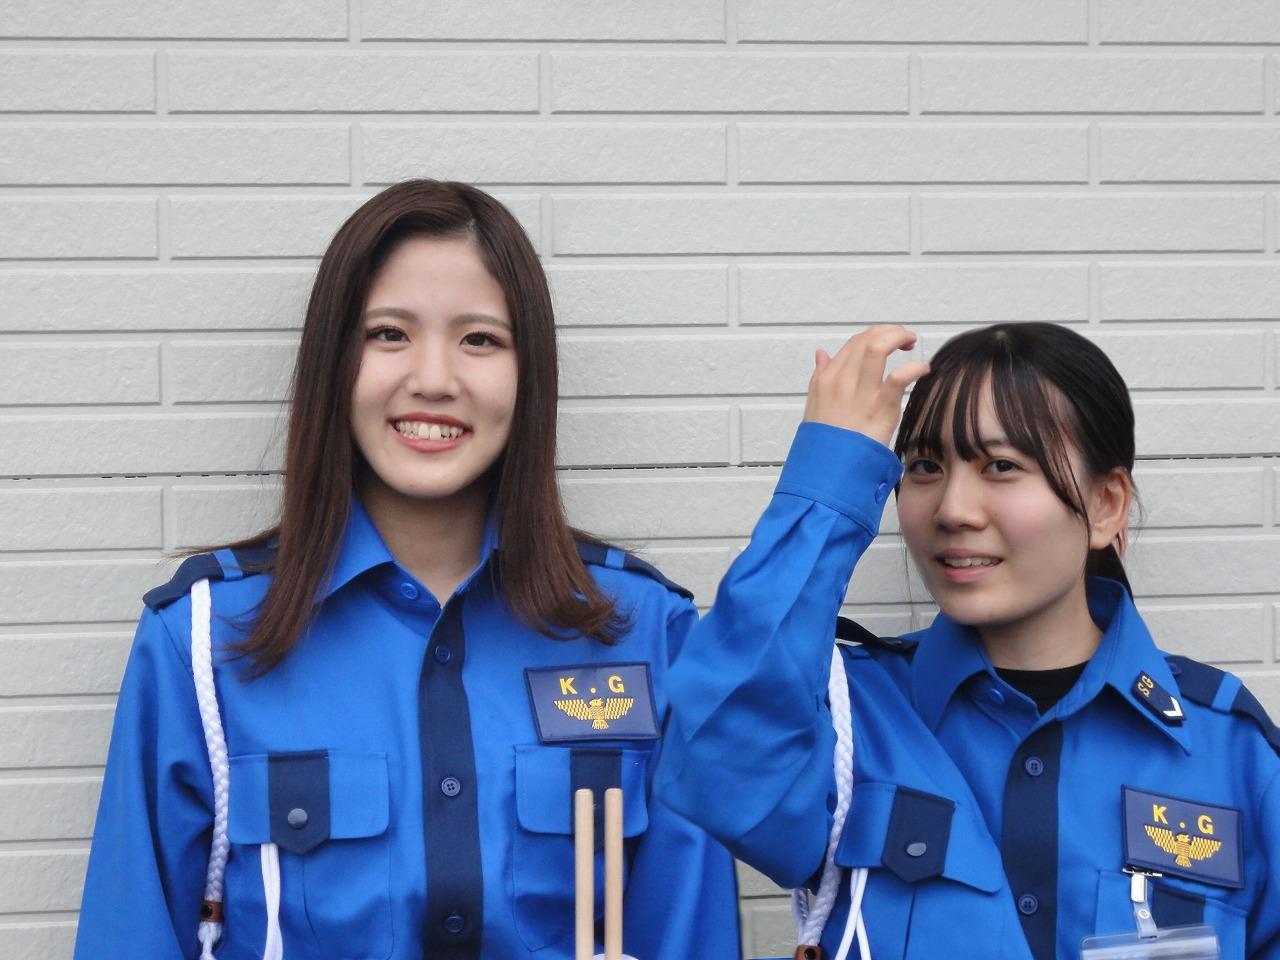 近畿警備保障株式会社 倉敷児島(岡山県)の求人画像